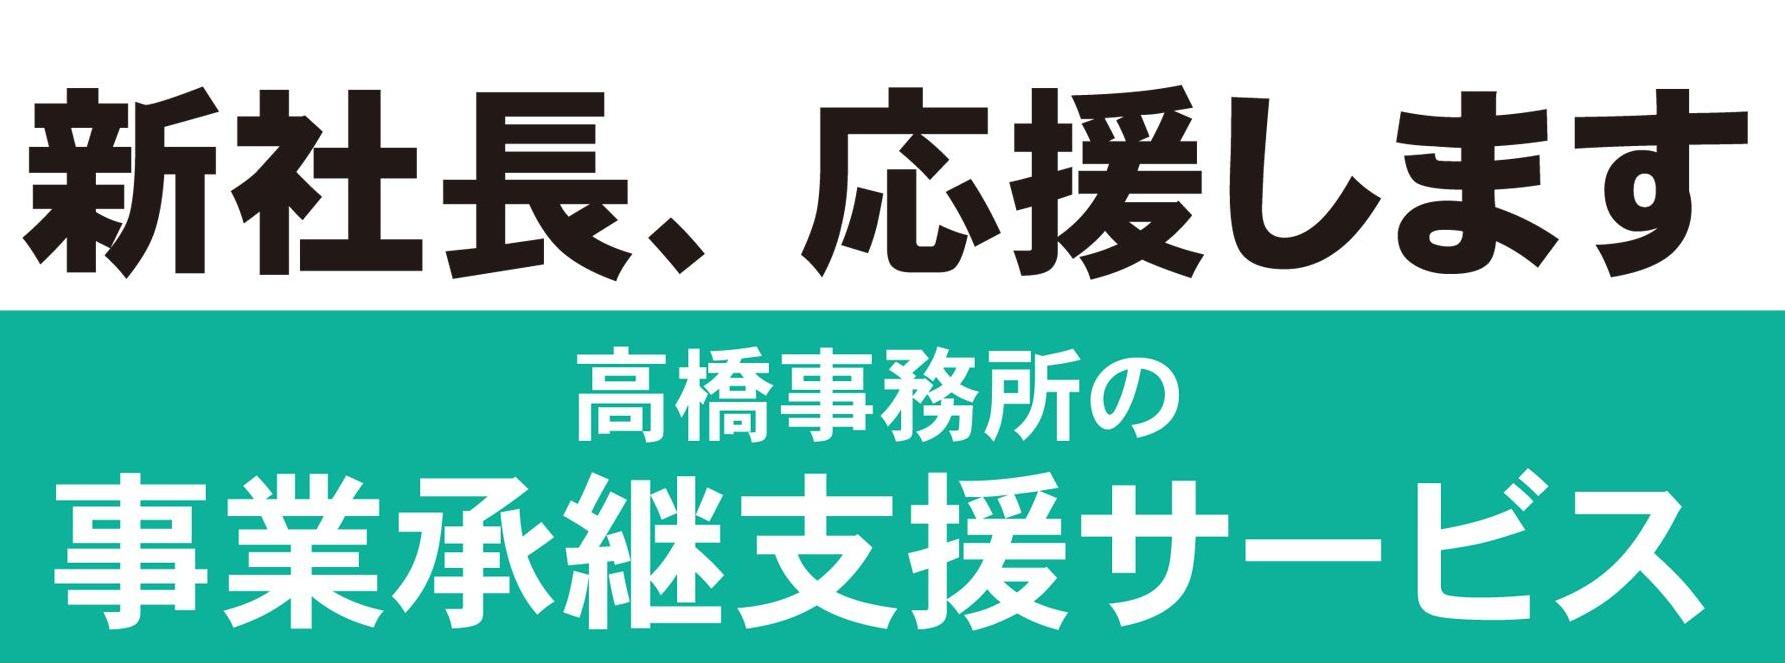 新社長を応援!高橋事務所の事業承継サービス